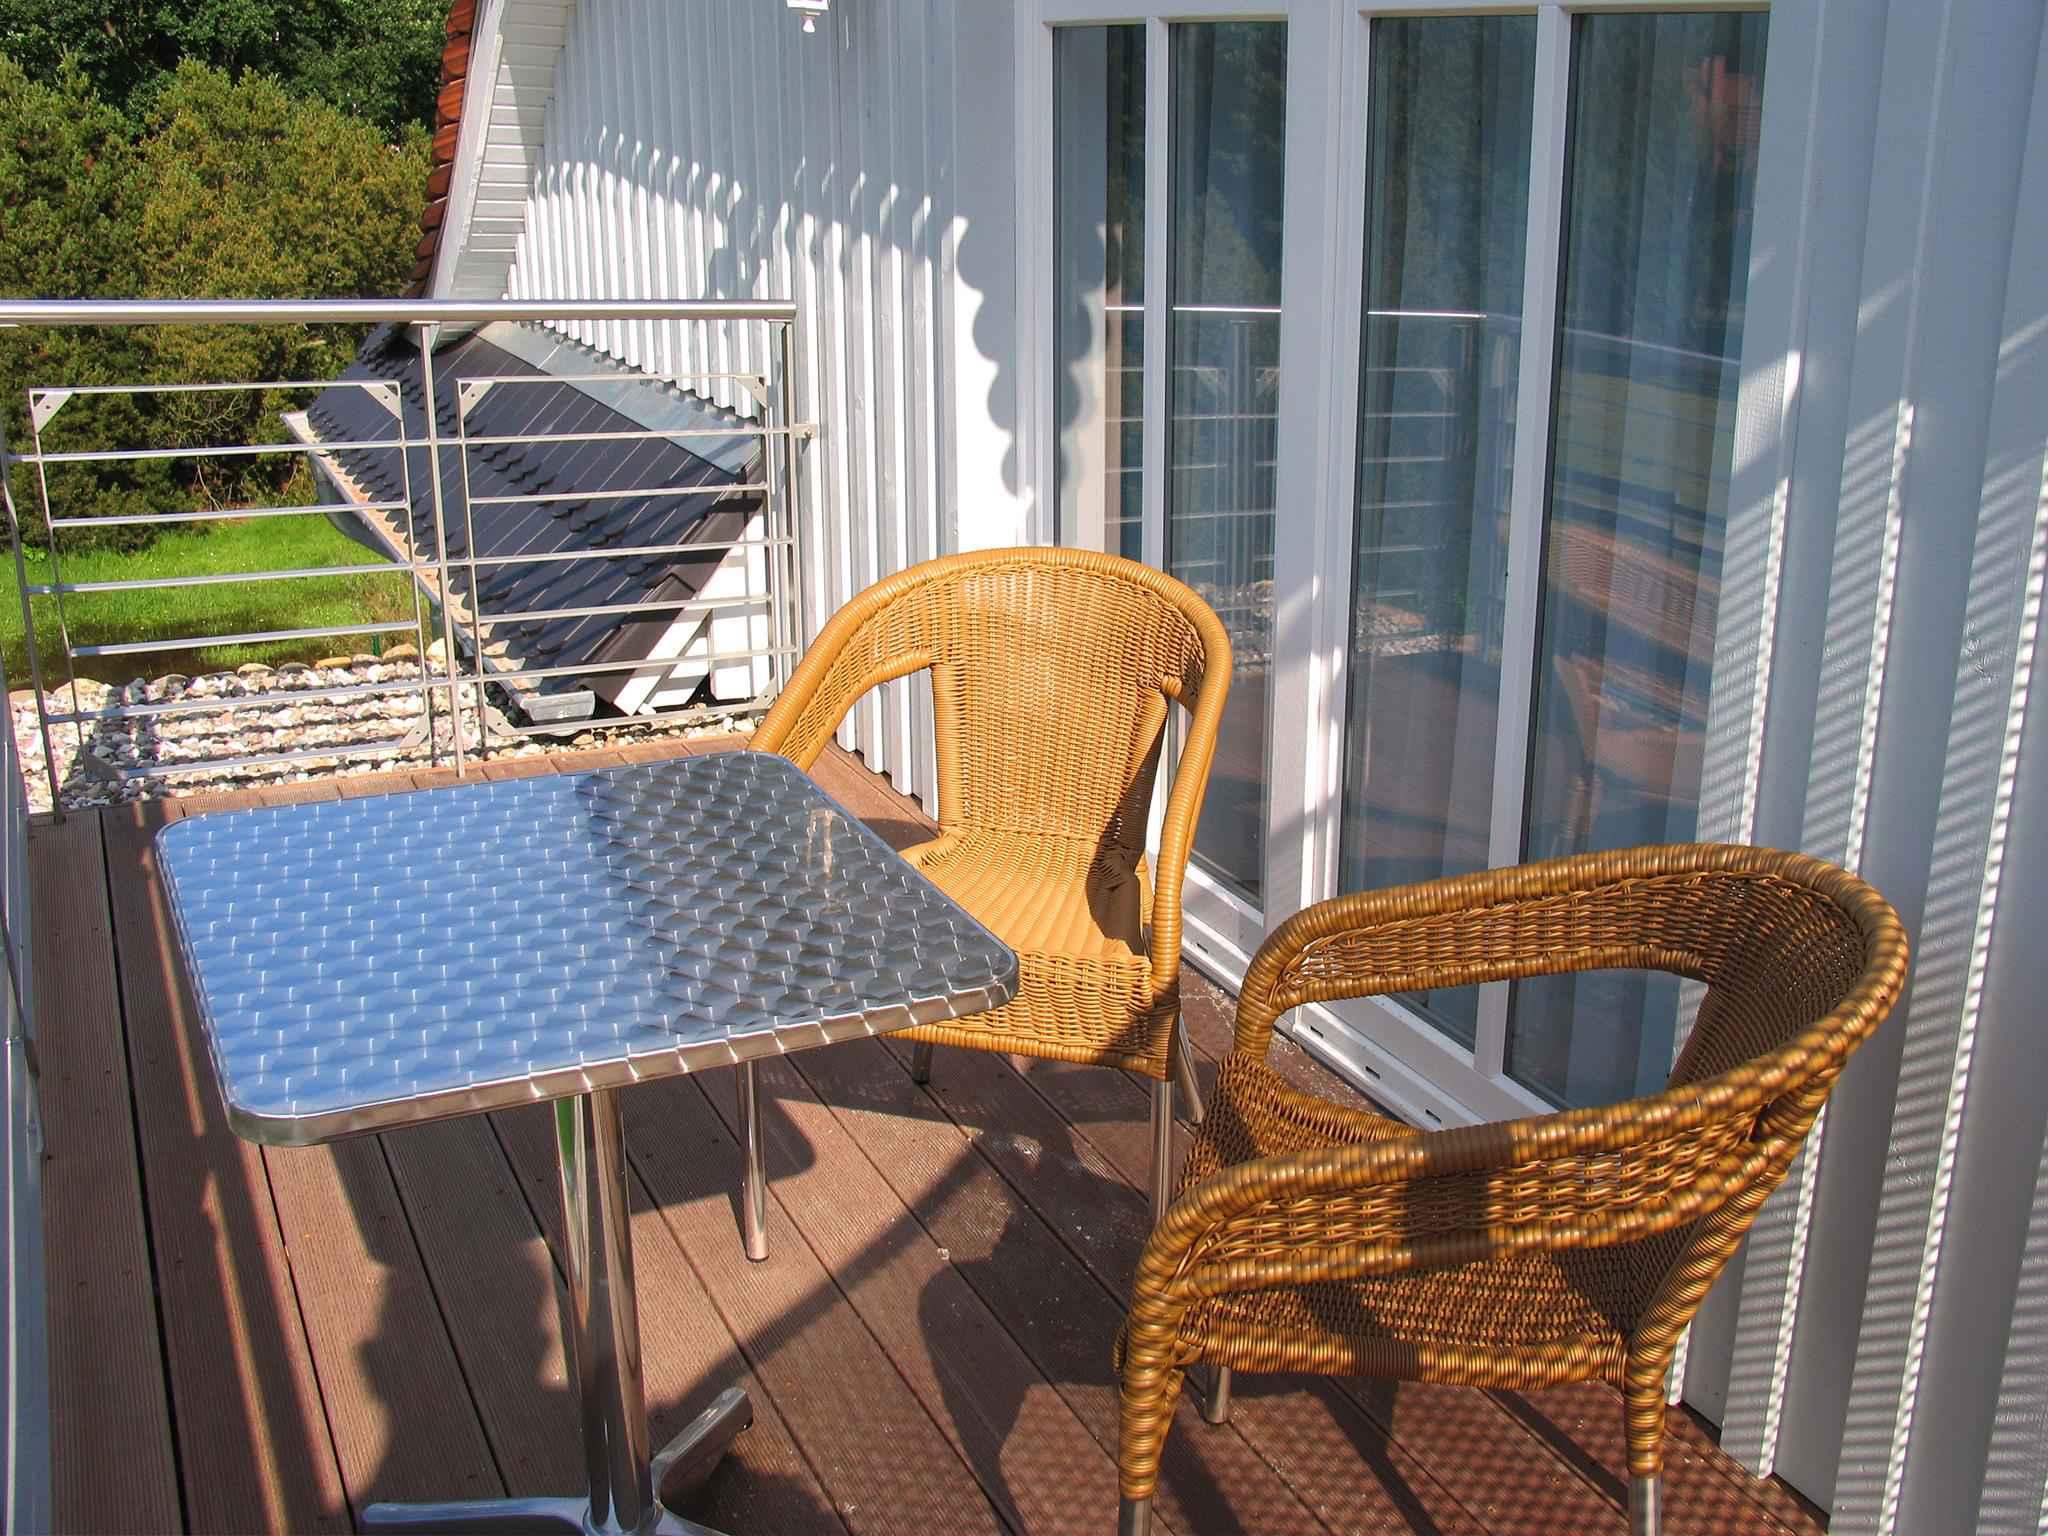 Ferienhaus mit Terrasse und Balkon (650552), Prerow, Fischland-Darss-Zingst, Mecklenburg-Vorpommern, Deutschland, Bild 5